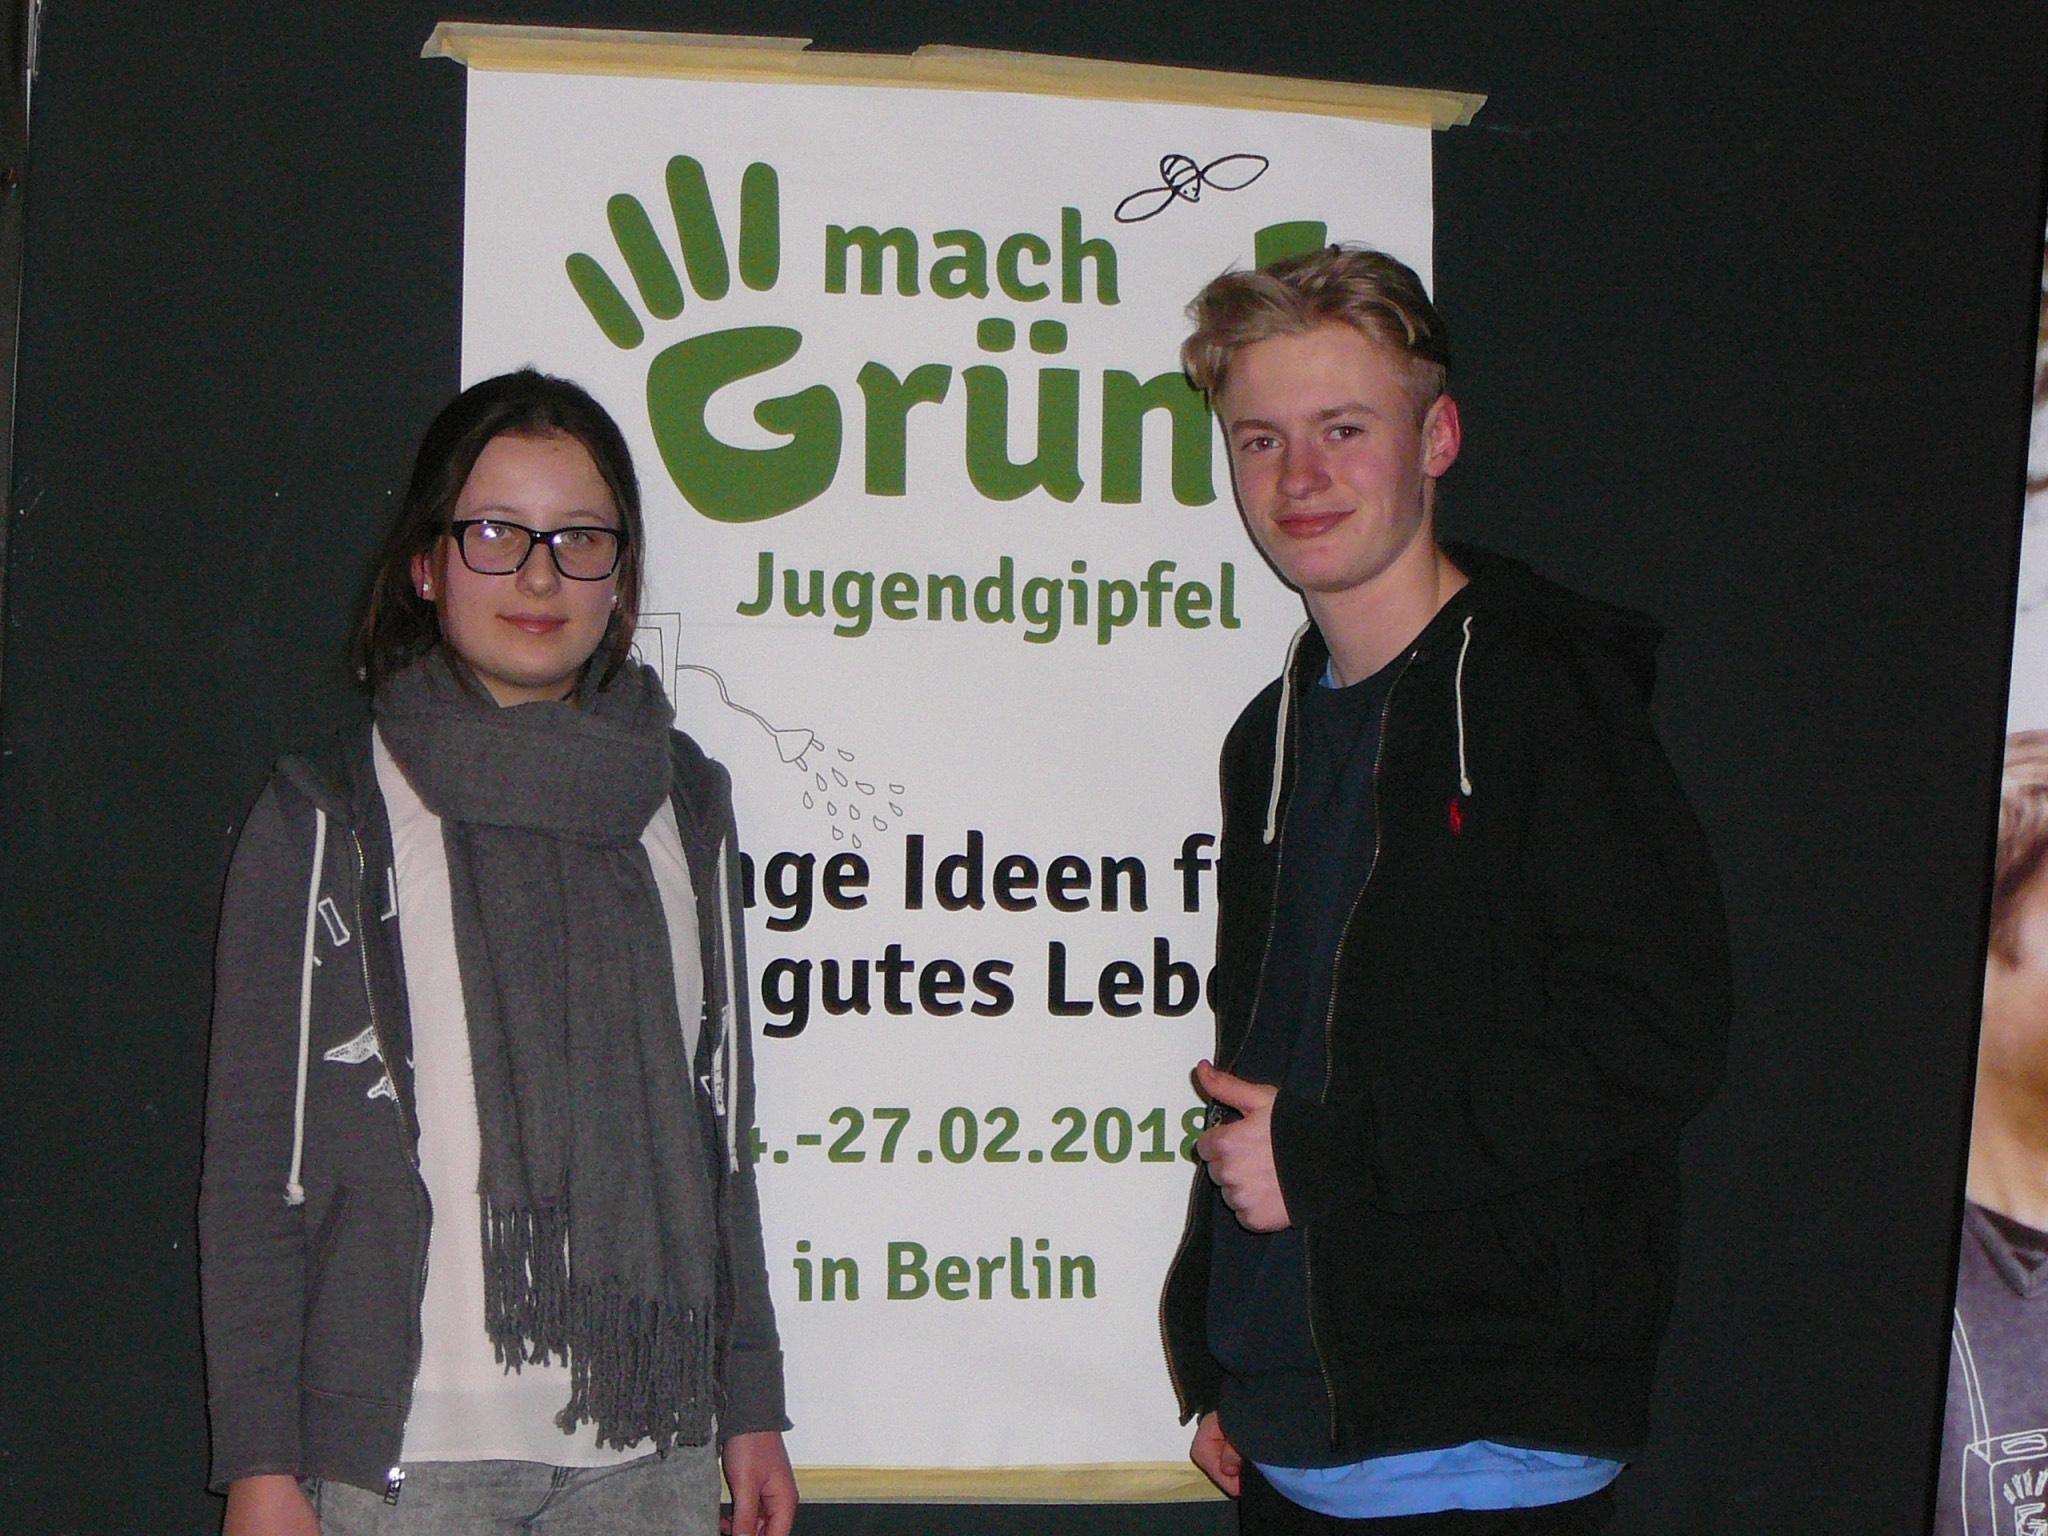 Michelle und Louis durften zum Jugendgipfel nach Berlin. Foto: Harald Preger/Wilhelm-Sattler-Realschule